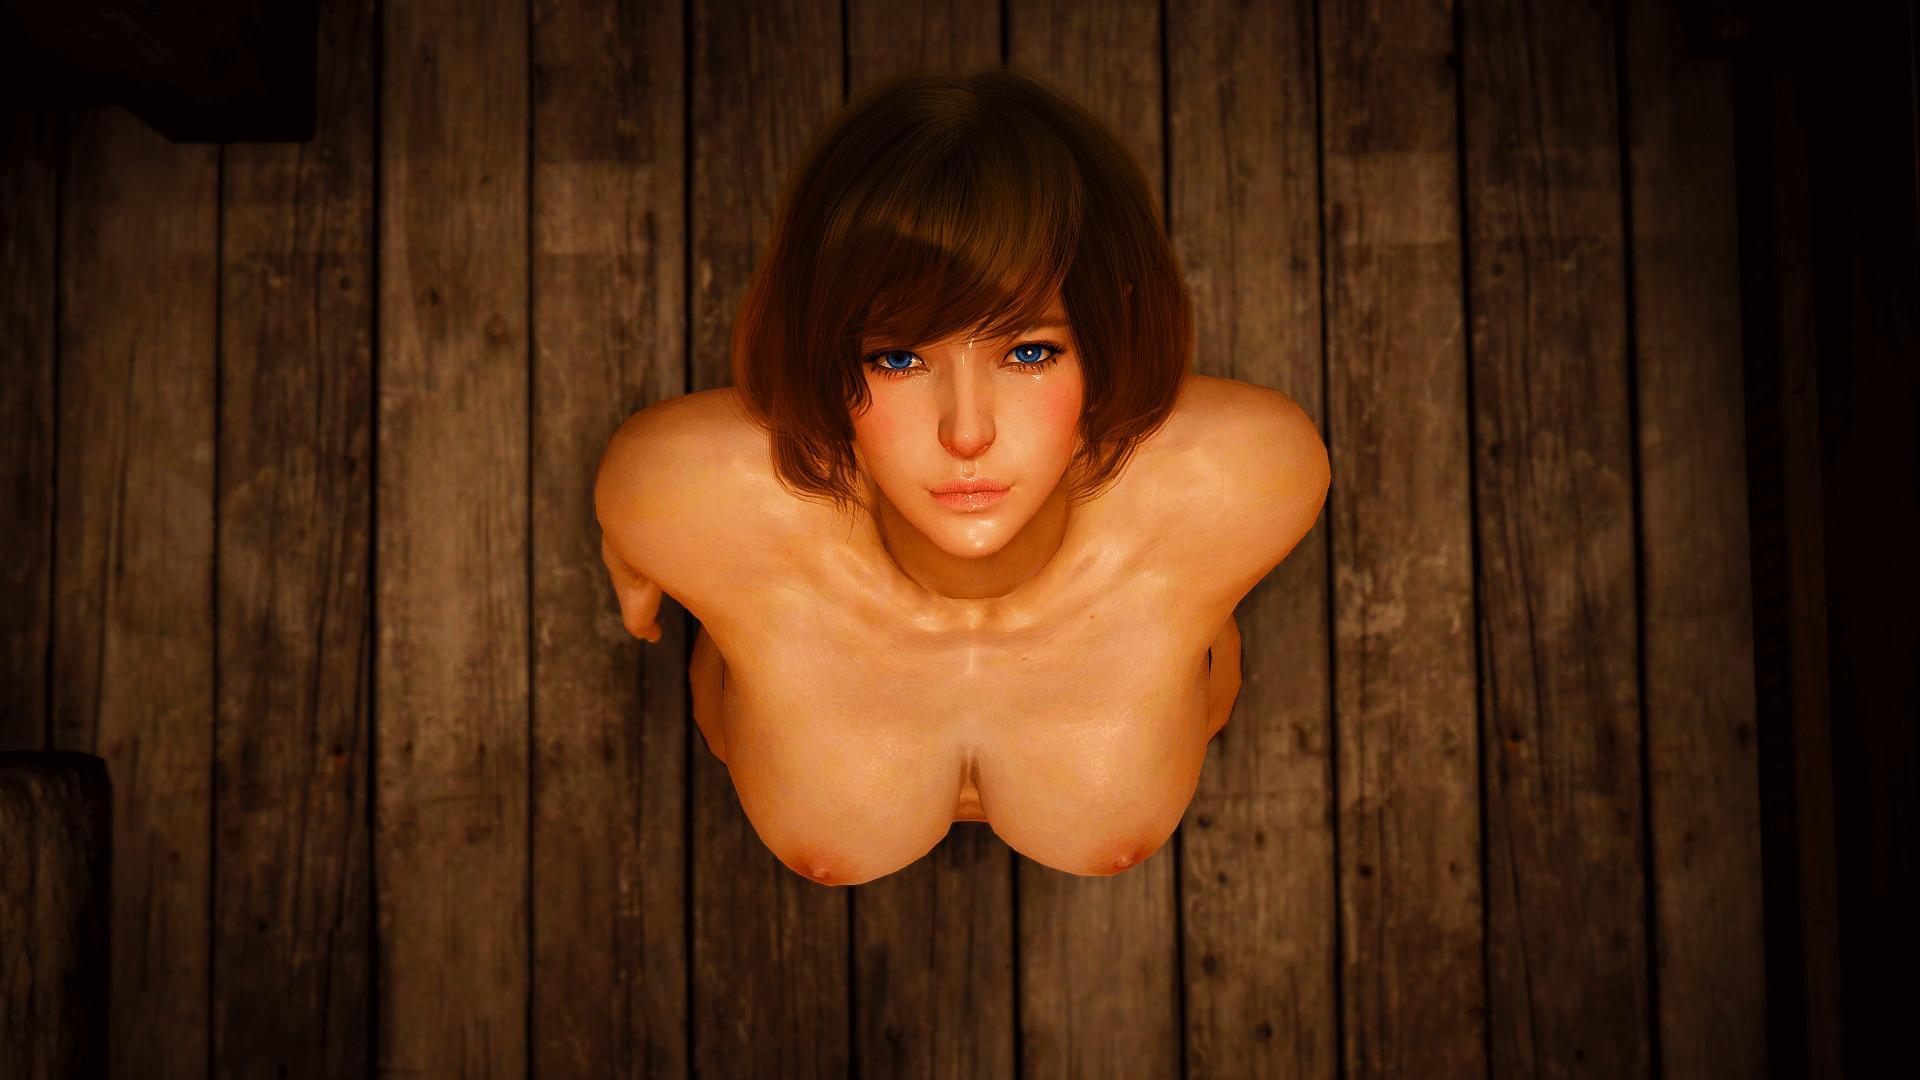 Twin busty porn